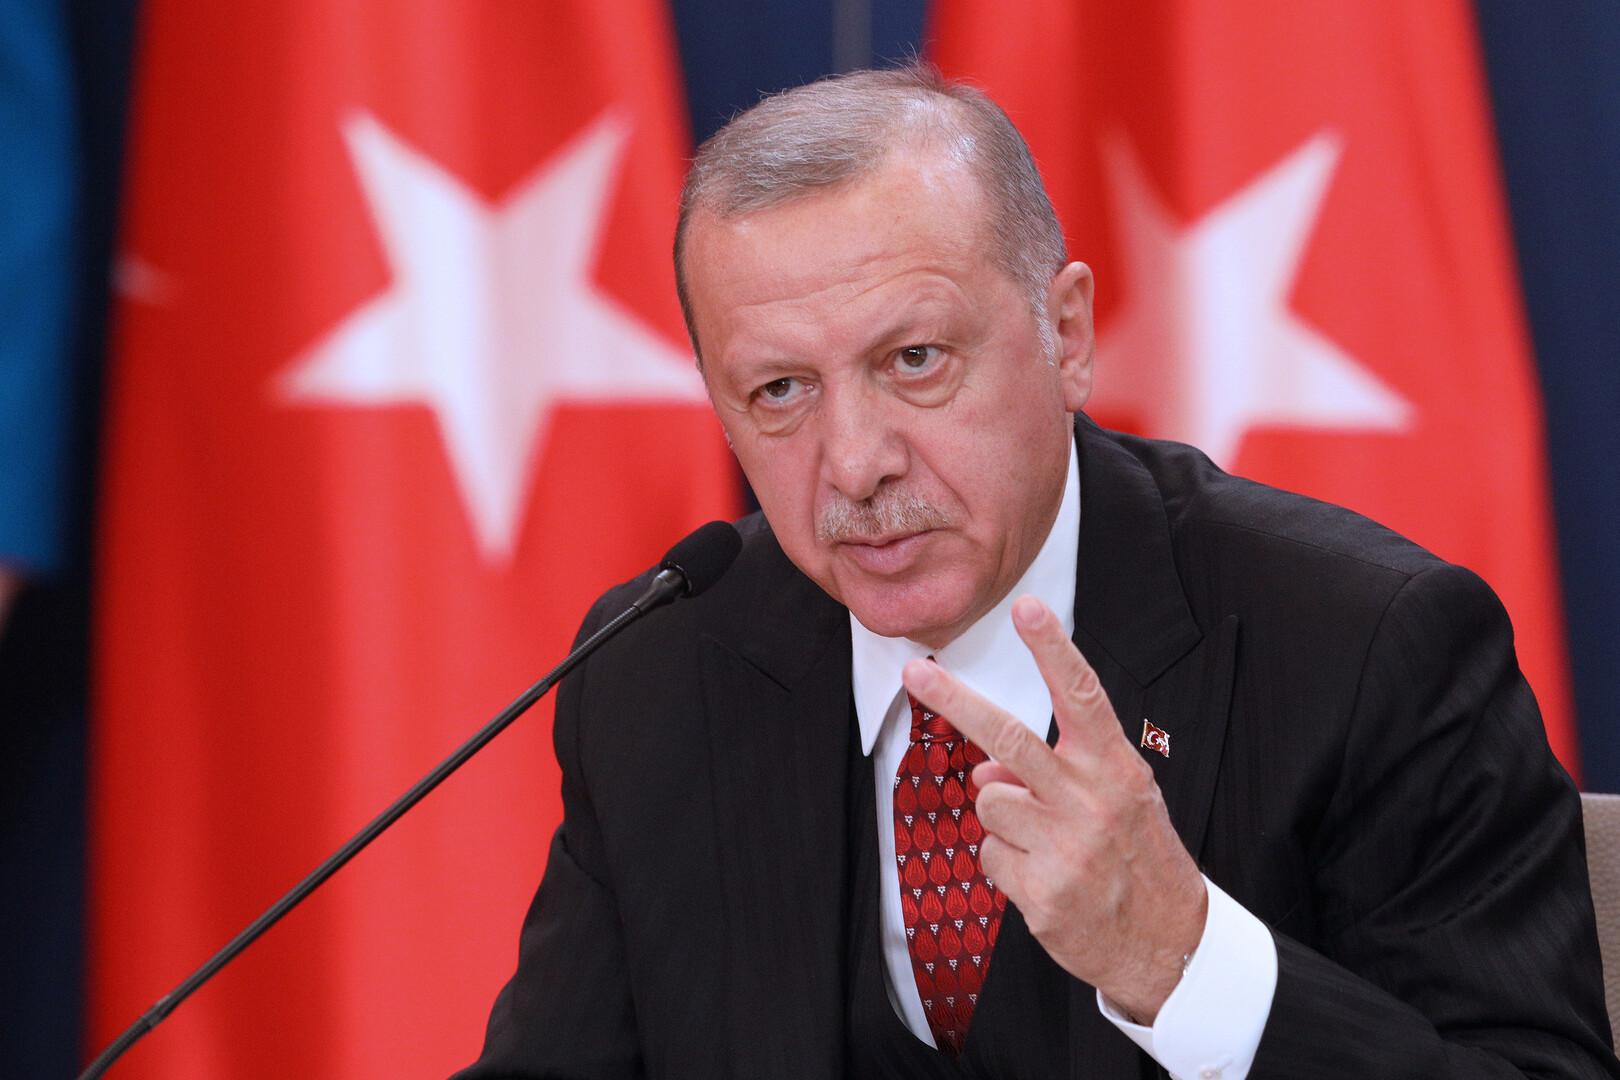 تقرير: أردوغان رمى رسالة ترامب في سلة المهملات